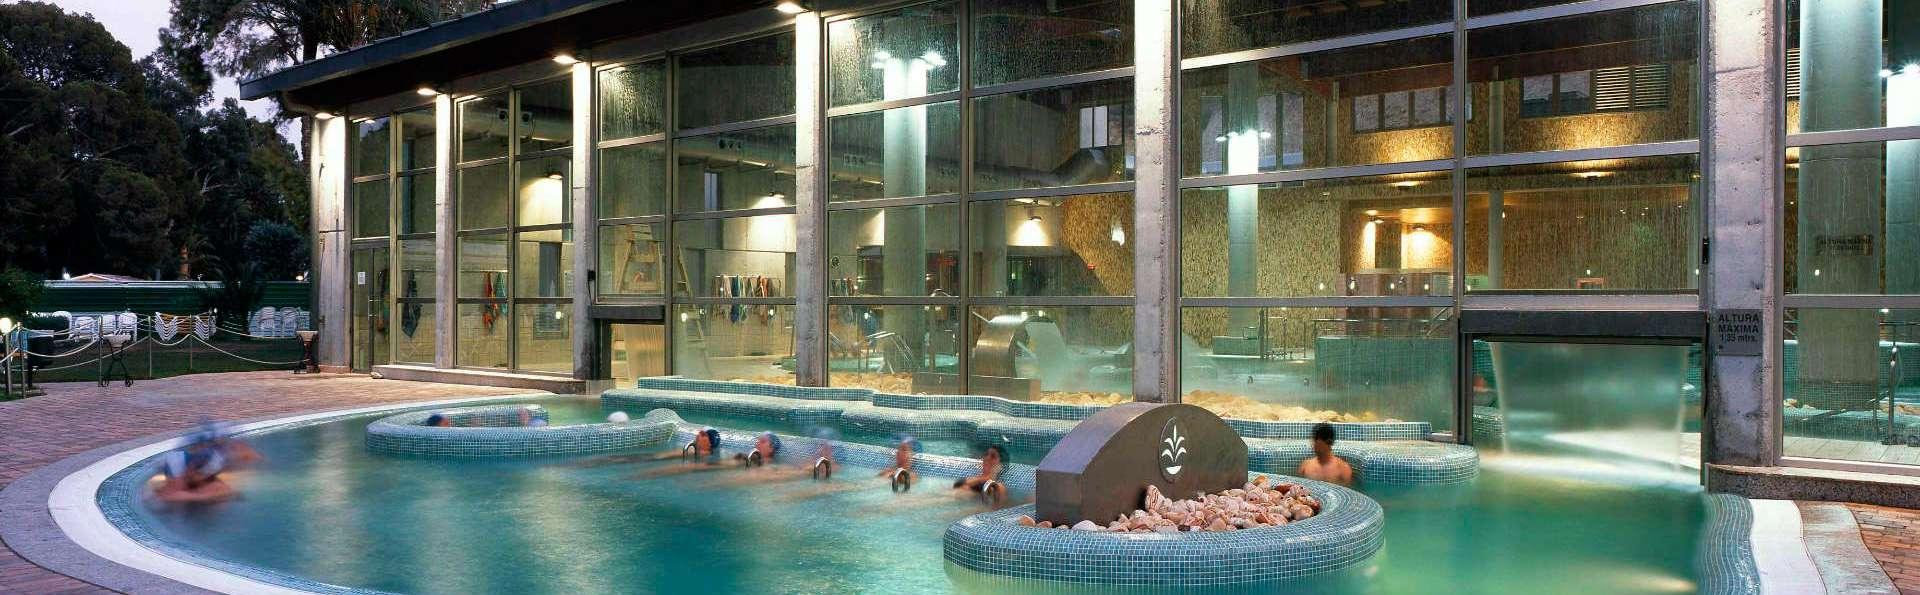 3 nuits pour le prix de 2 : accès au spa et aux circuits Termarchena et Balnea